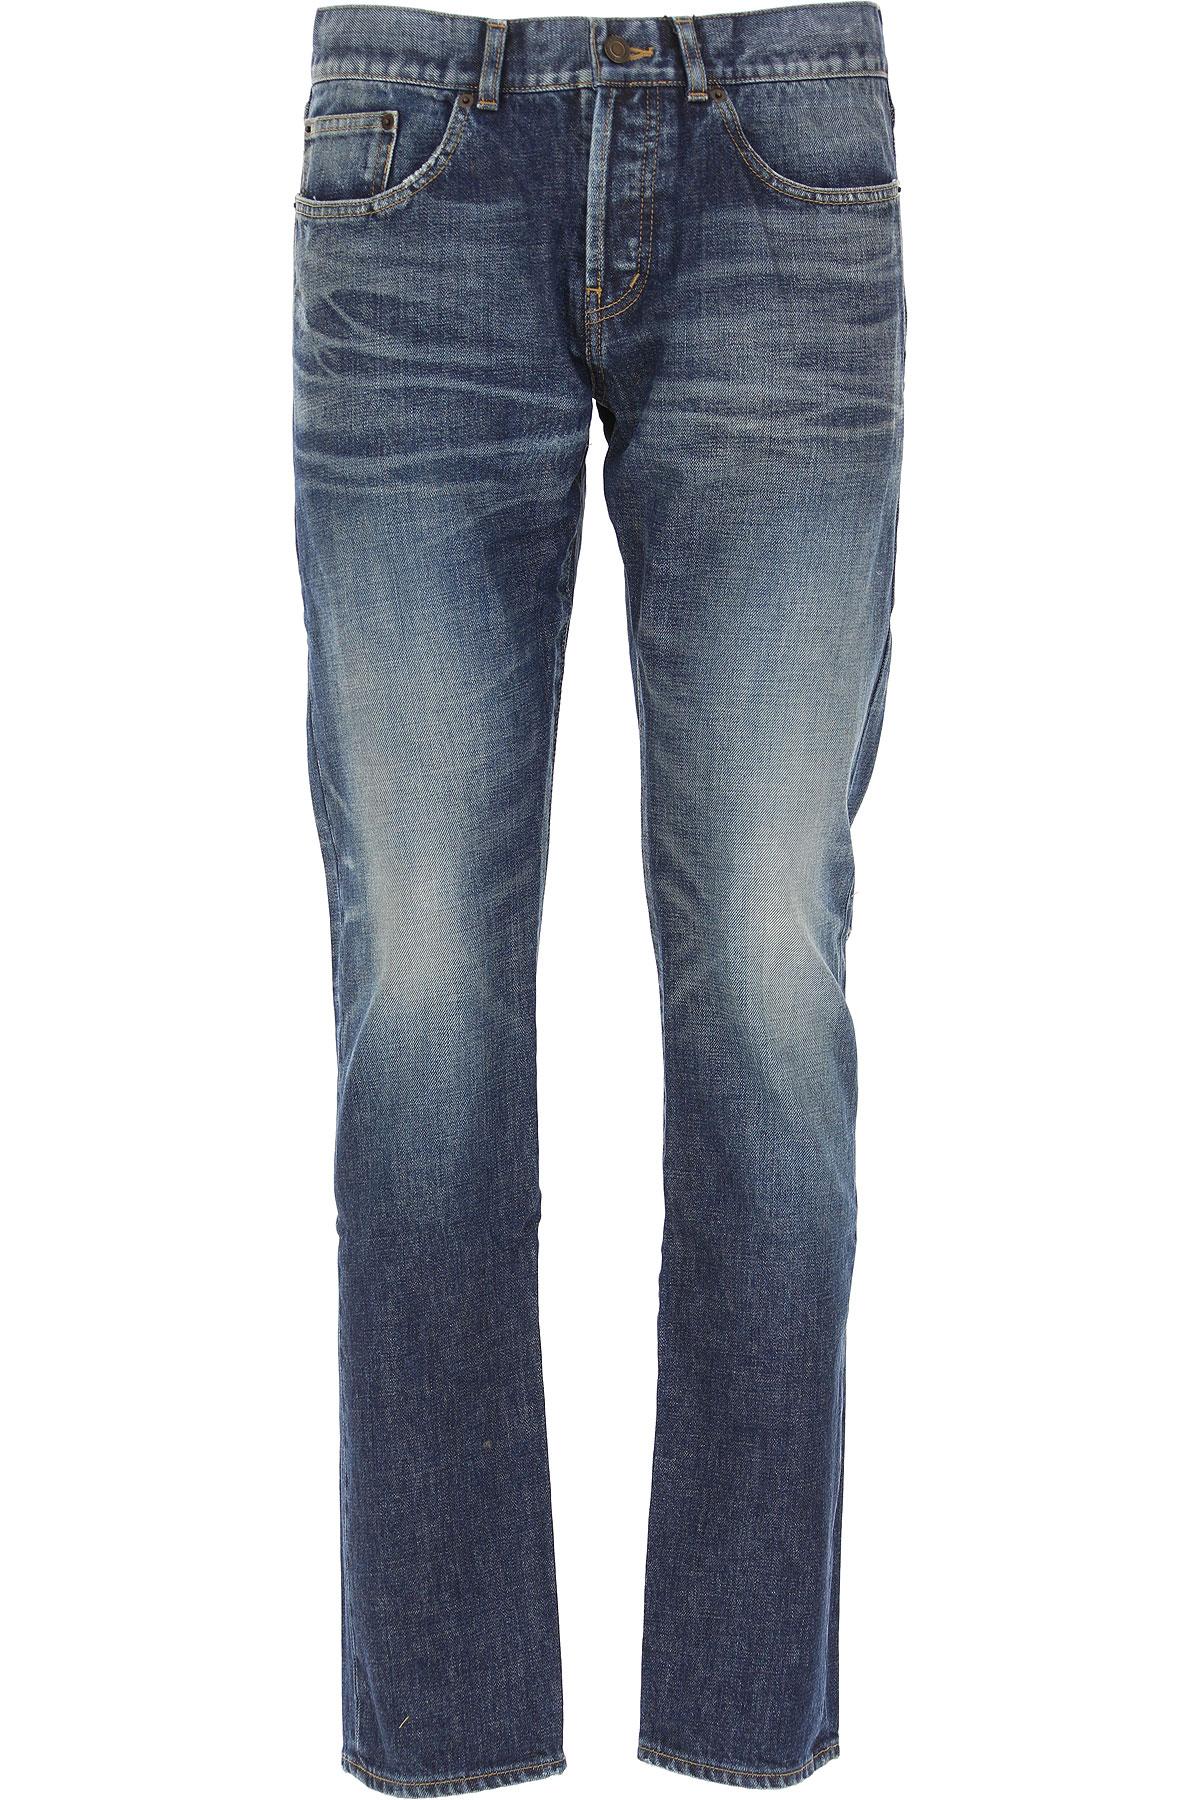 Yves Saint Laurent Jeans On Sale, Denim, Cotton, 2017, 30 31 32 33 34